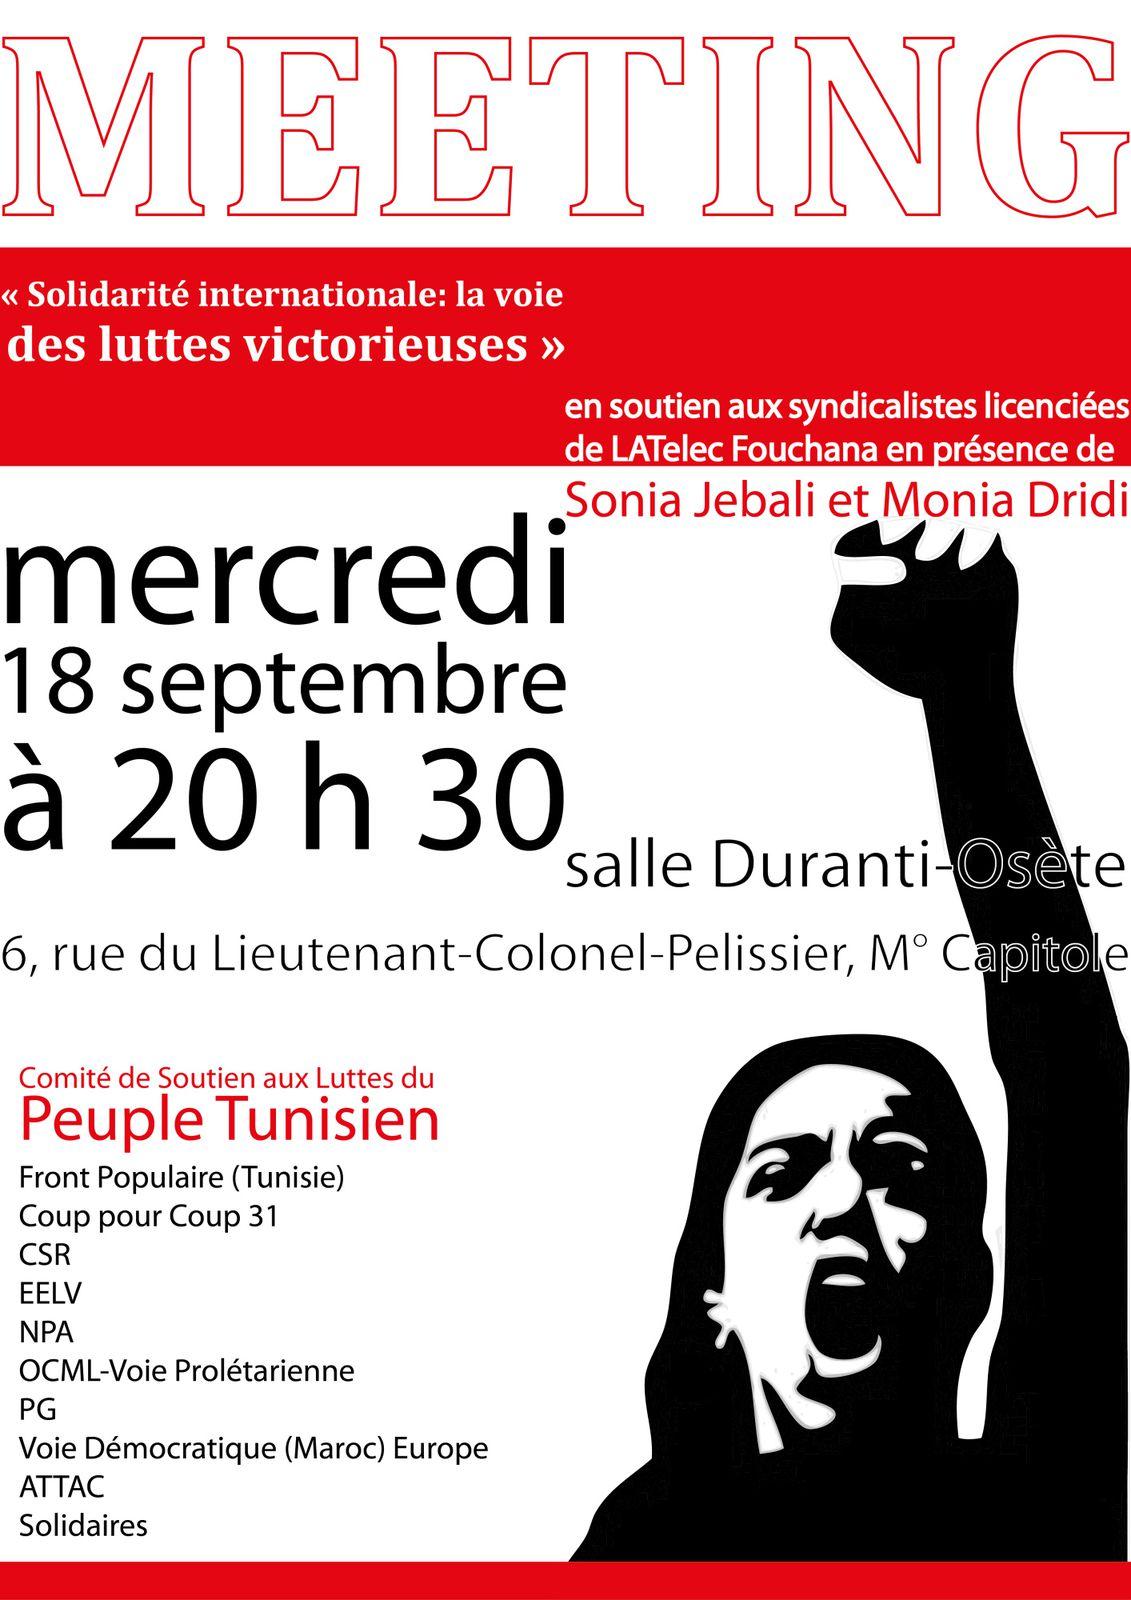 Solidarité internationale: la voie des luttes victorieuses